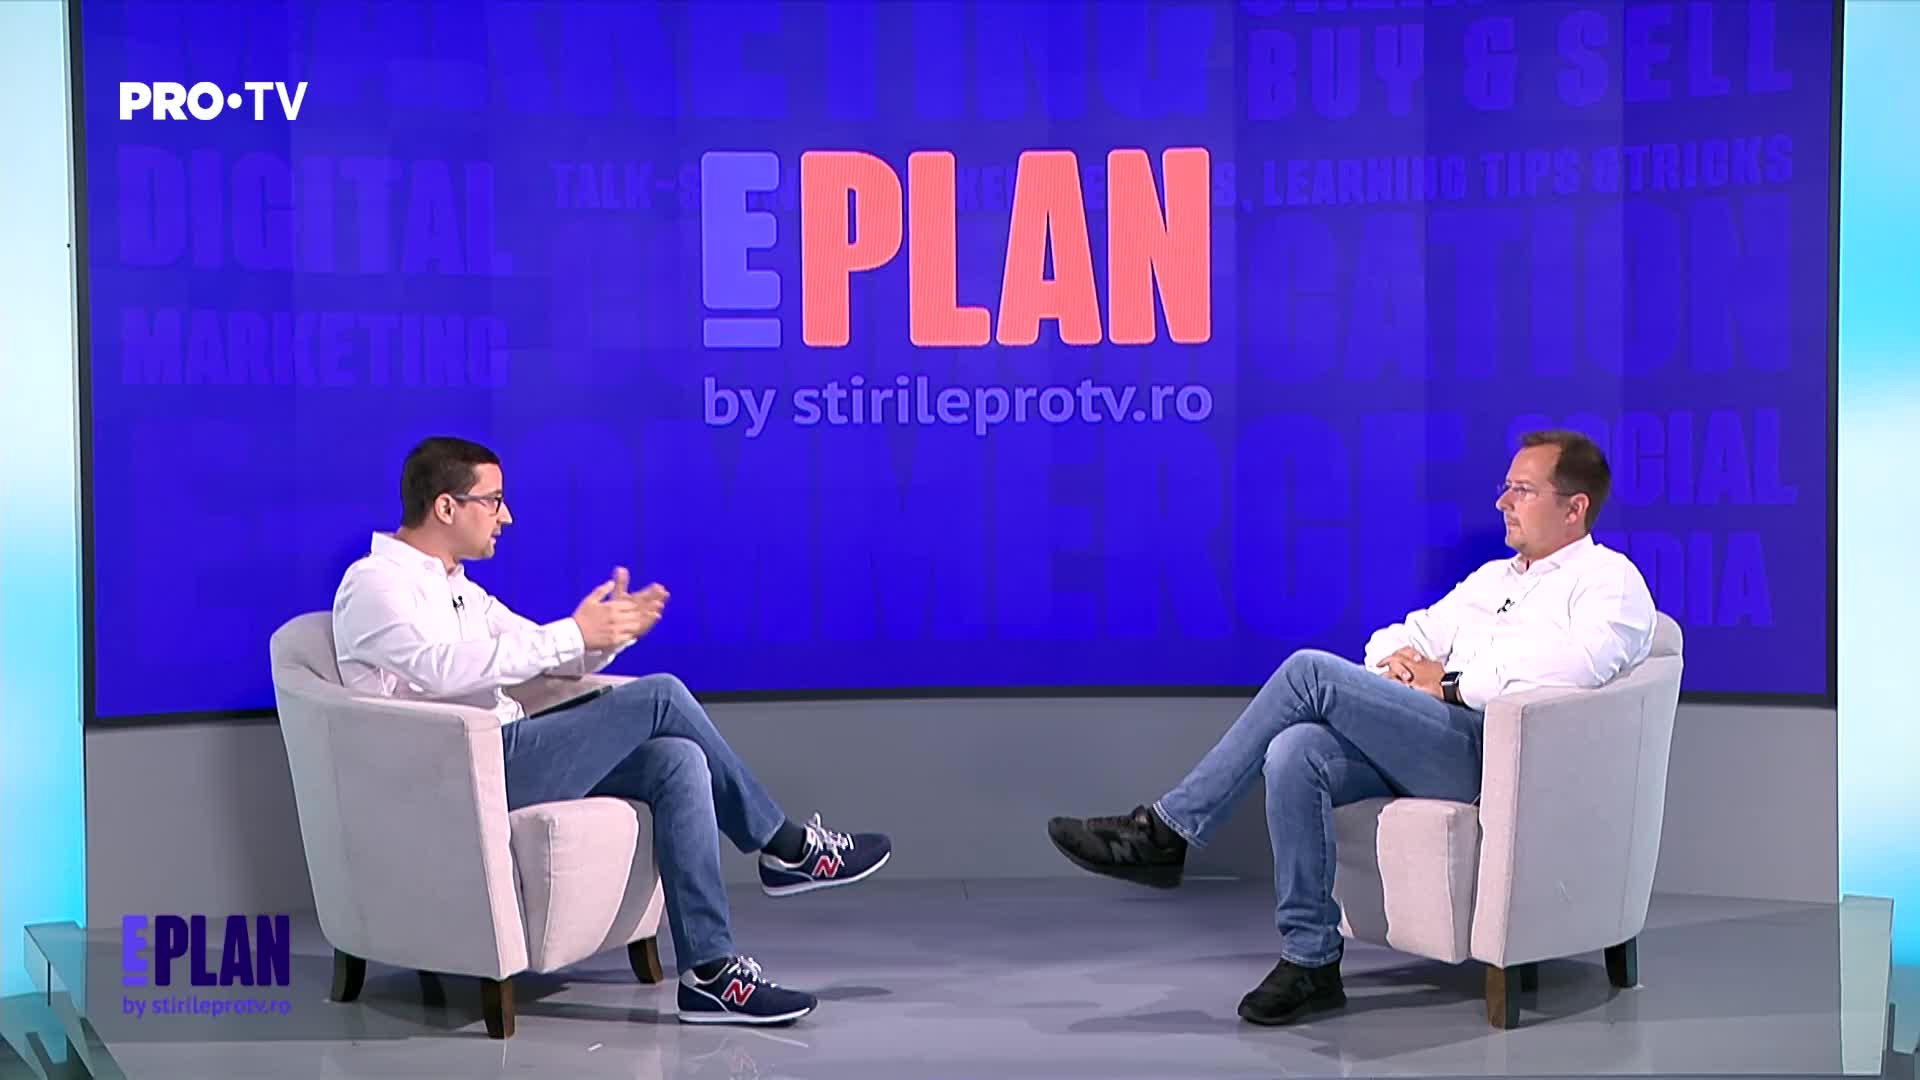 ePlan. Livrarea Green. Cum vede Lucian Baltaru, CEO Sameday, industria de curierat astăzi?